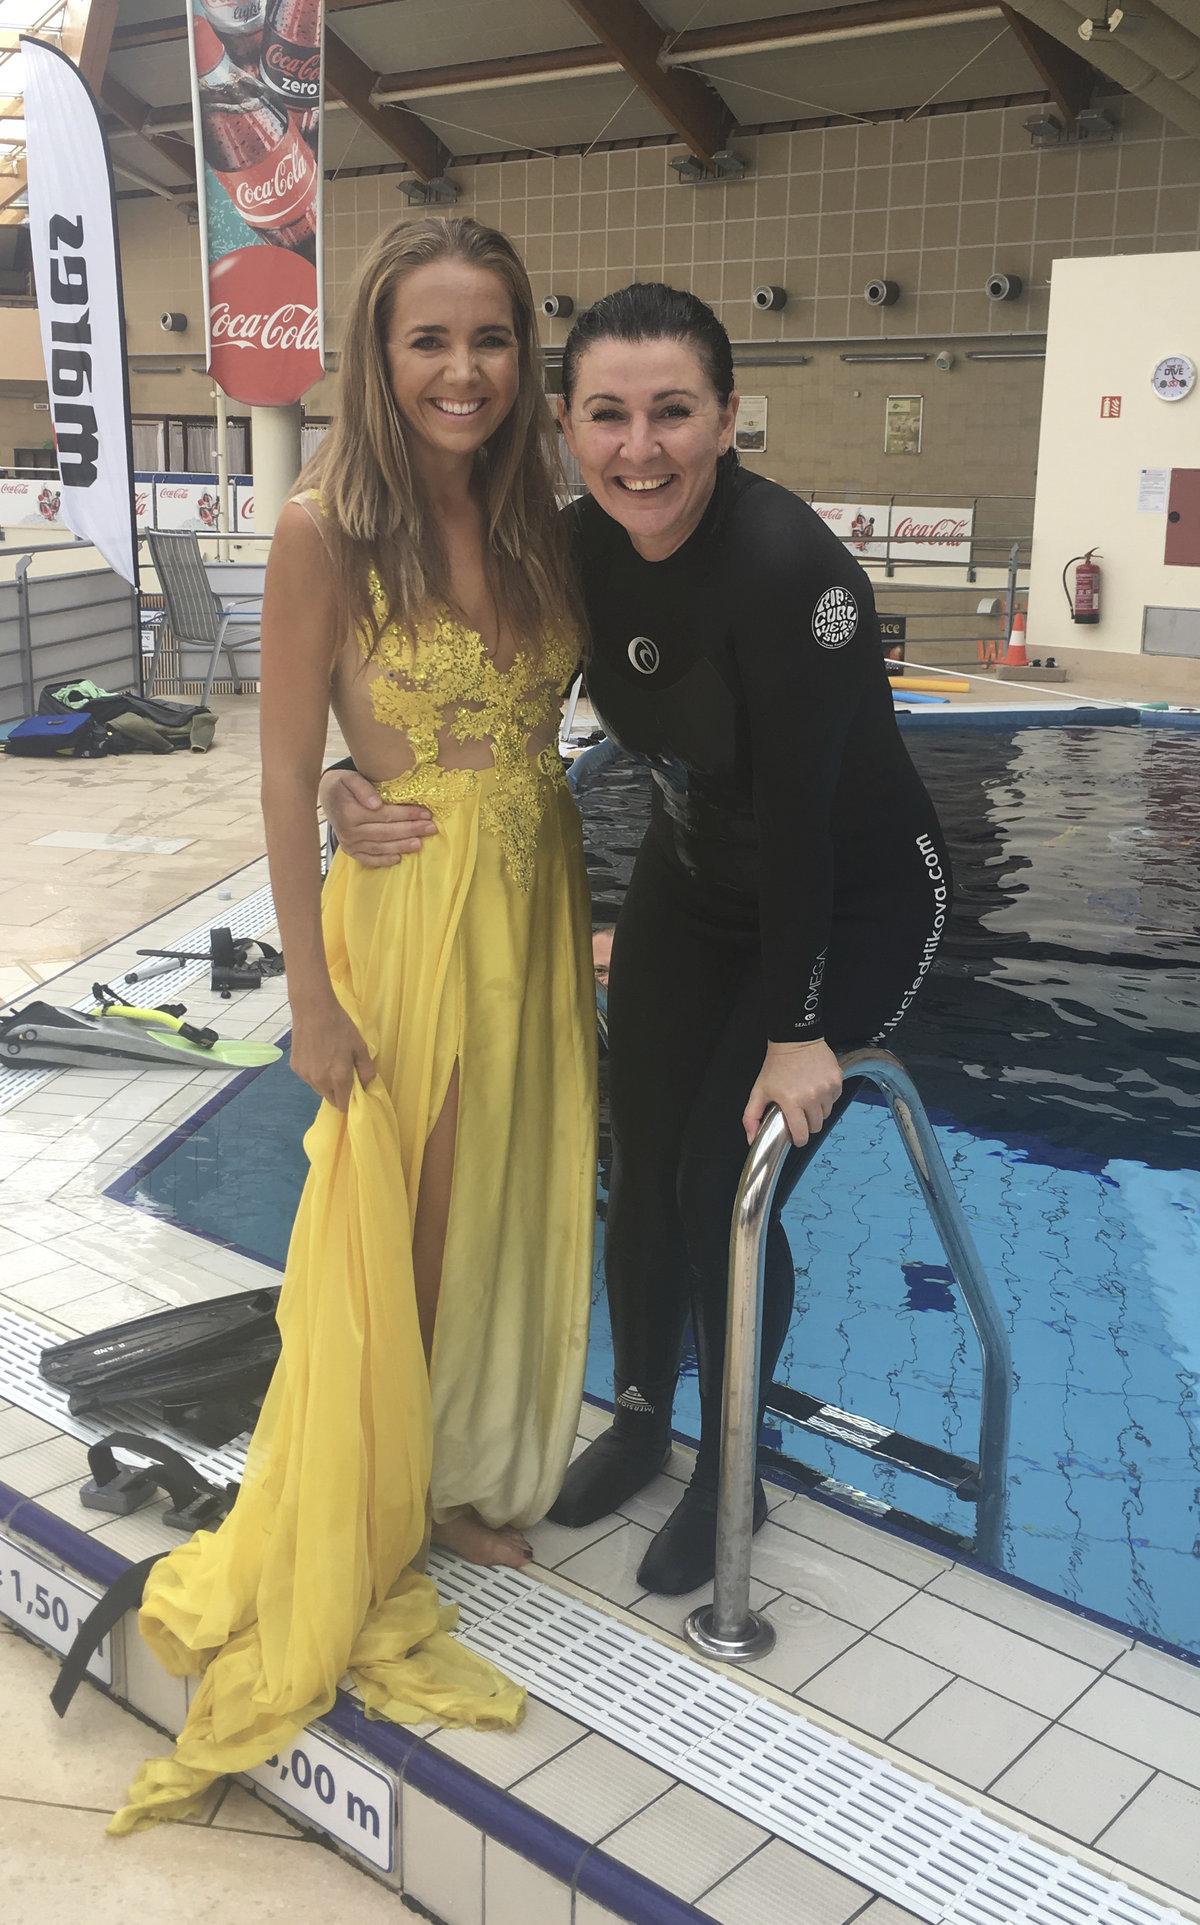 Lucie Vondráčková fotila v krásných šatech u bazénu.